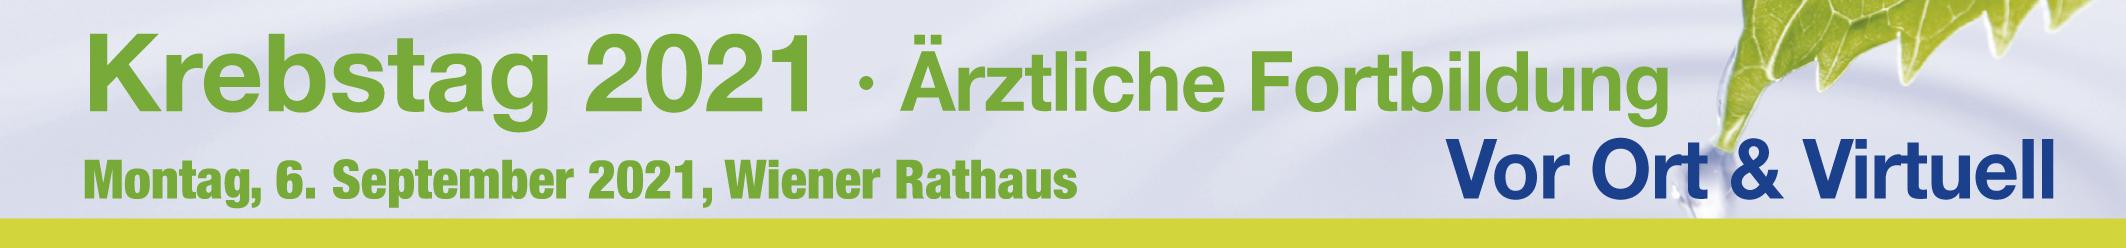 Wiener Krebstag 2021 - Ärztliche Fortbildung